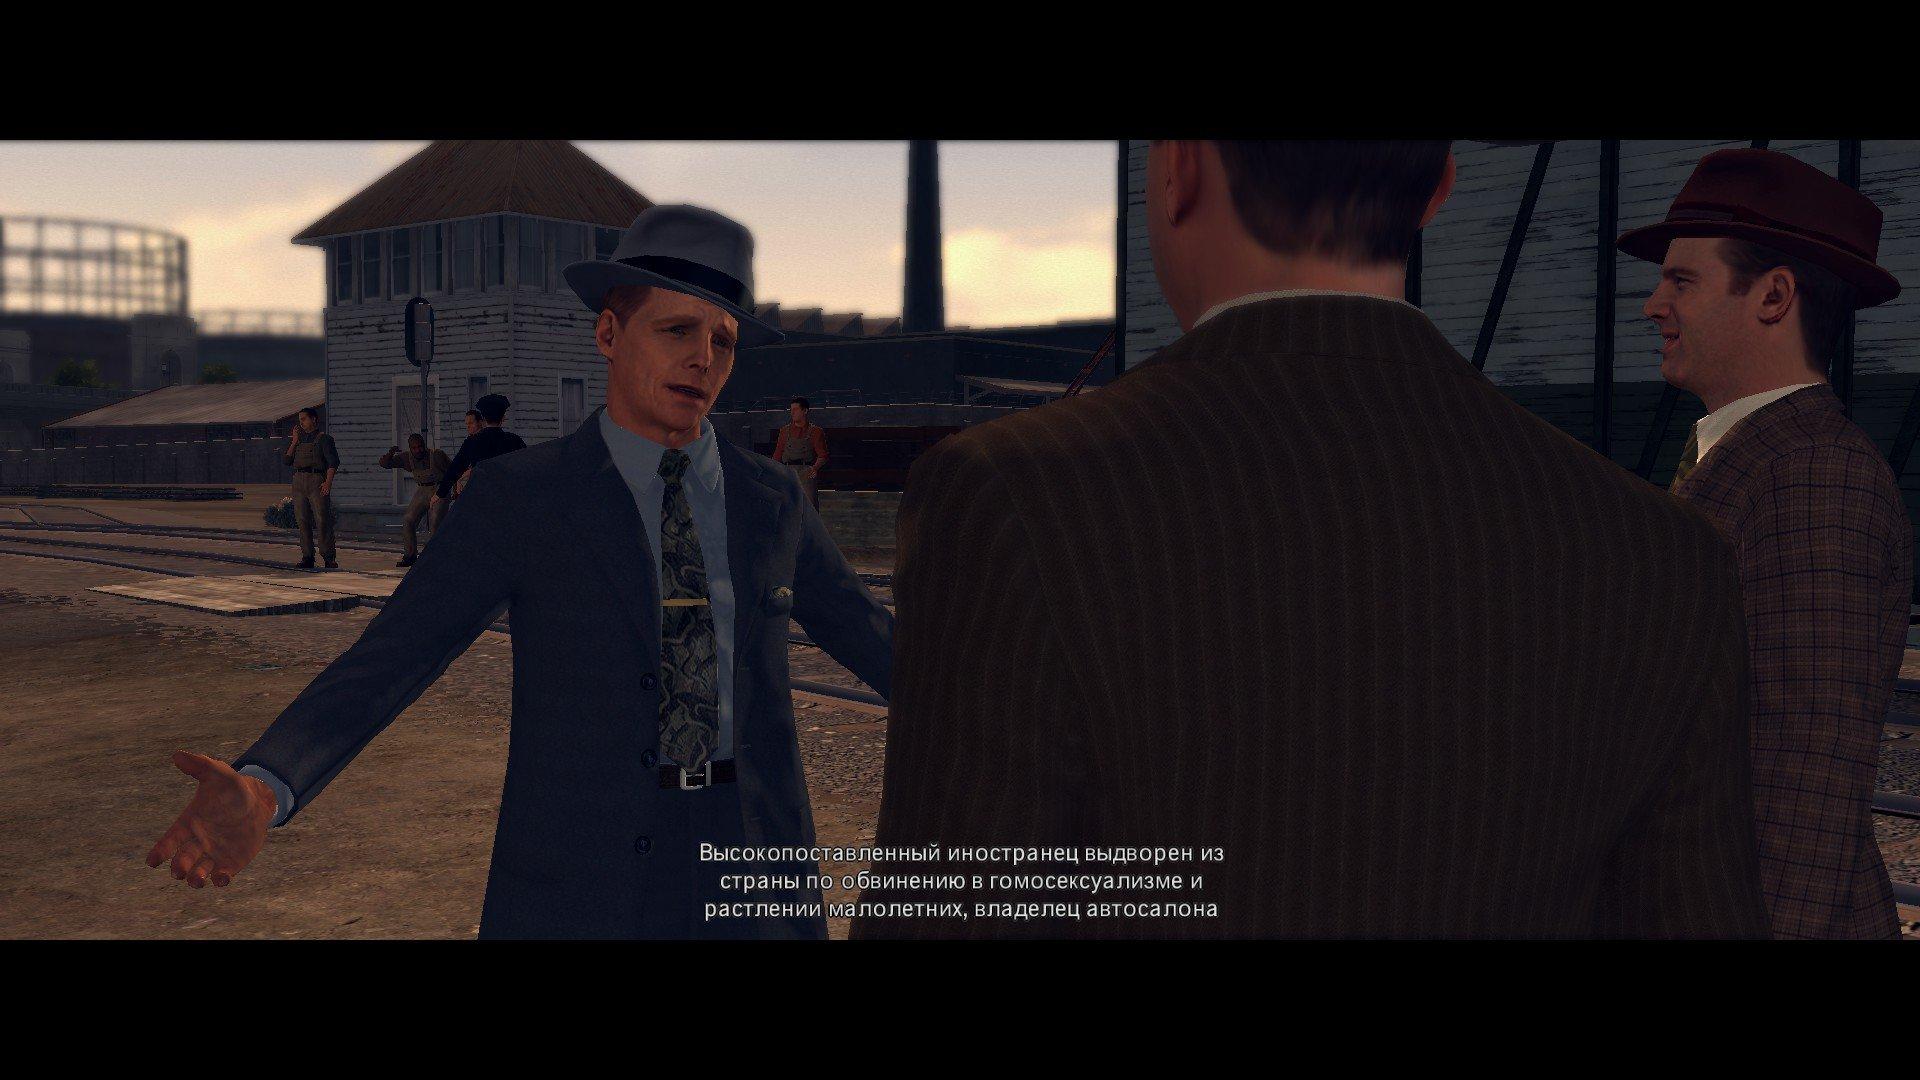 Пост-прохождение L.A. Noire Часть 6 - Изображение 40